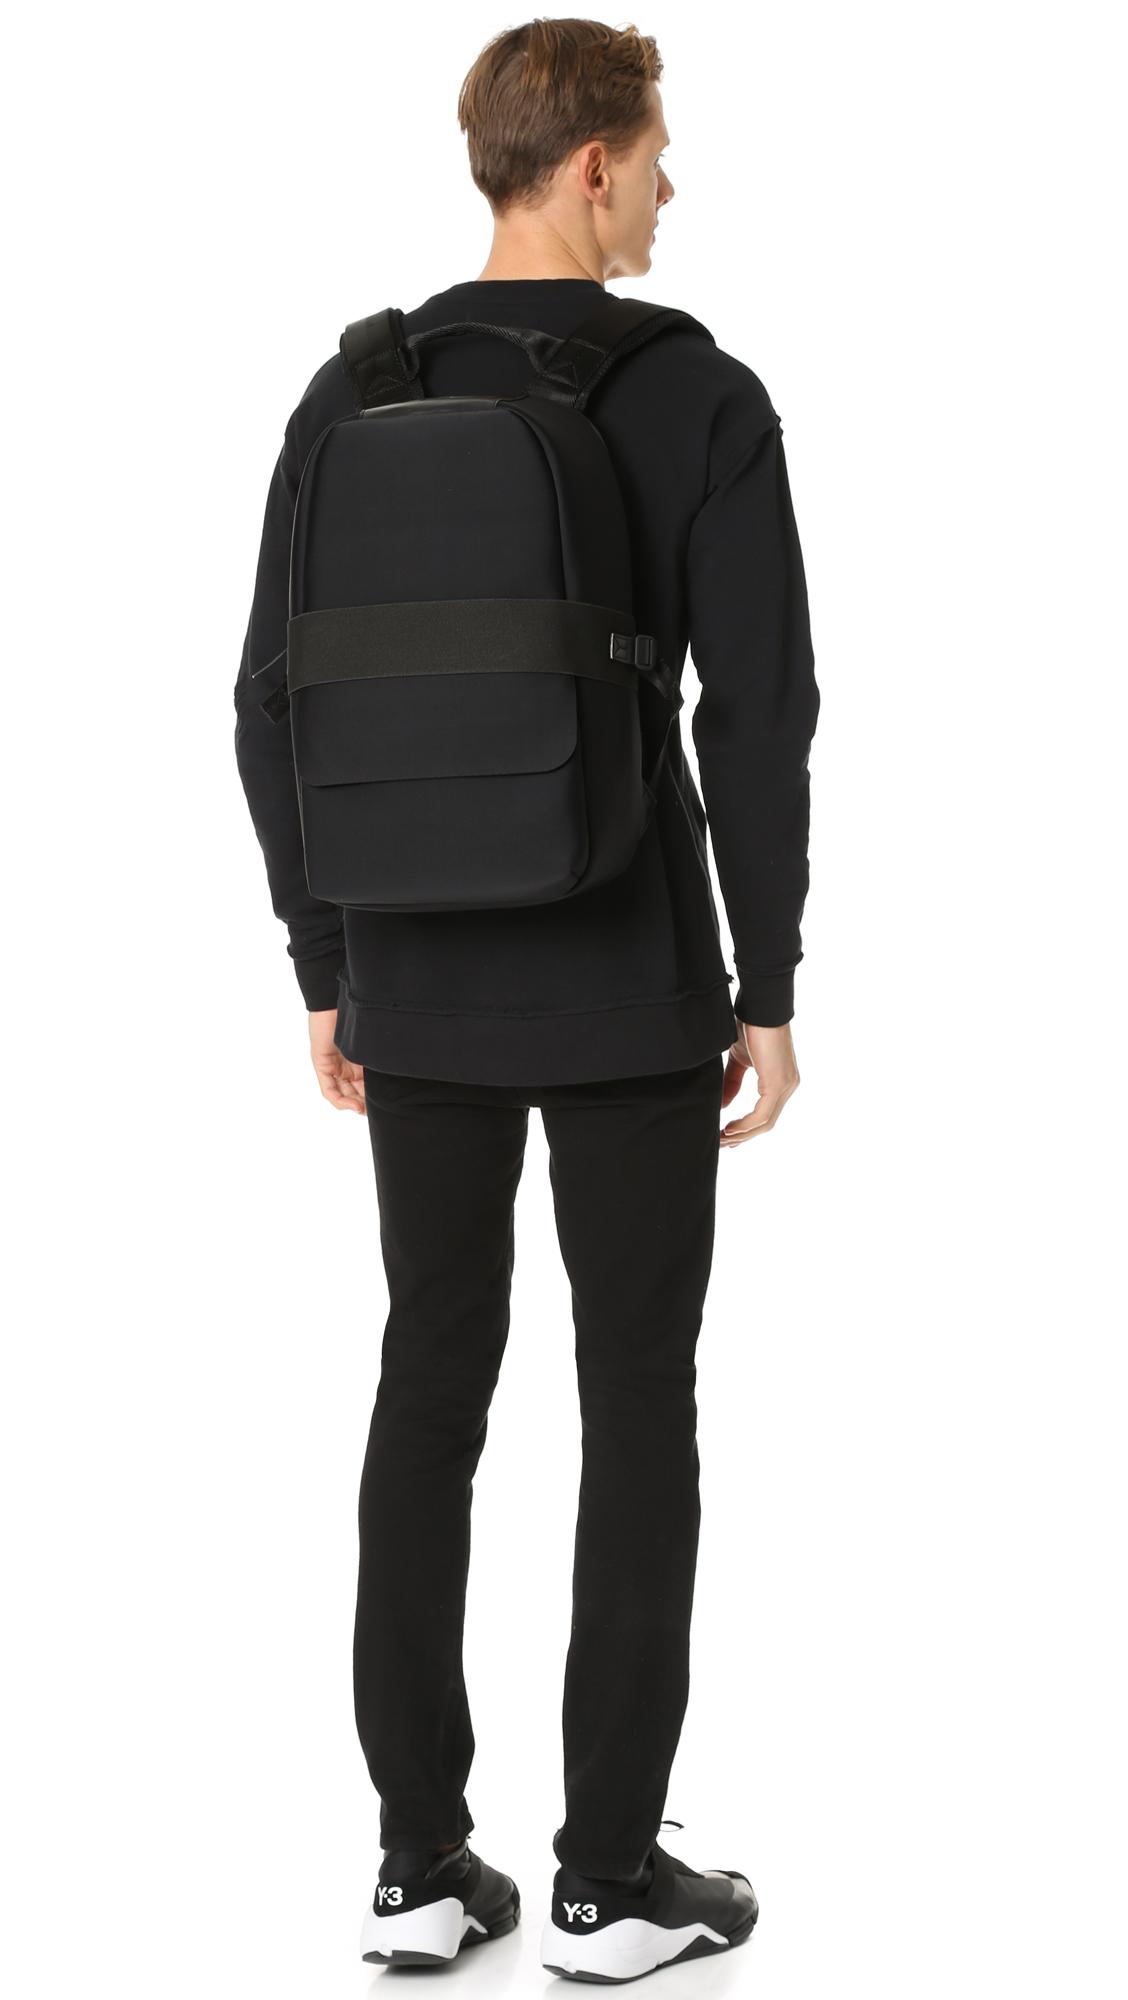 Y-3 Qasa Backpack  f049e68f16cb2